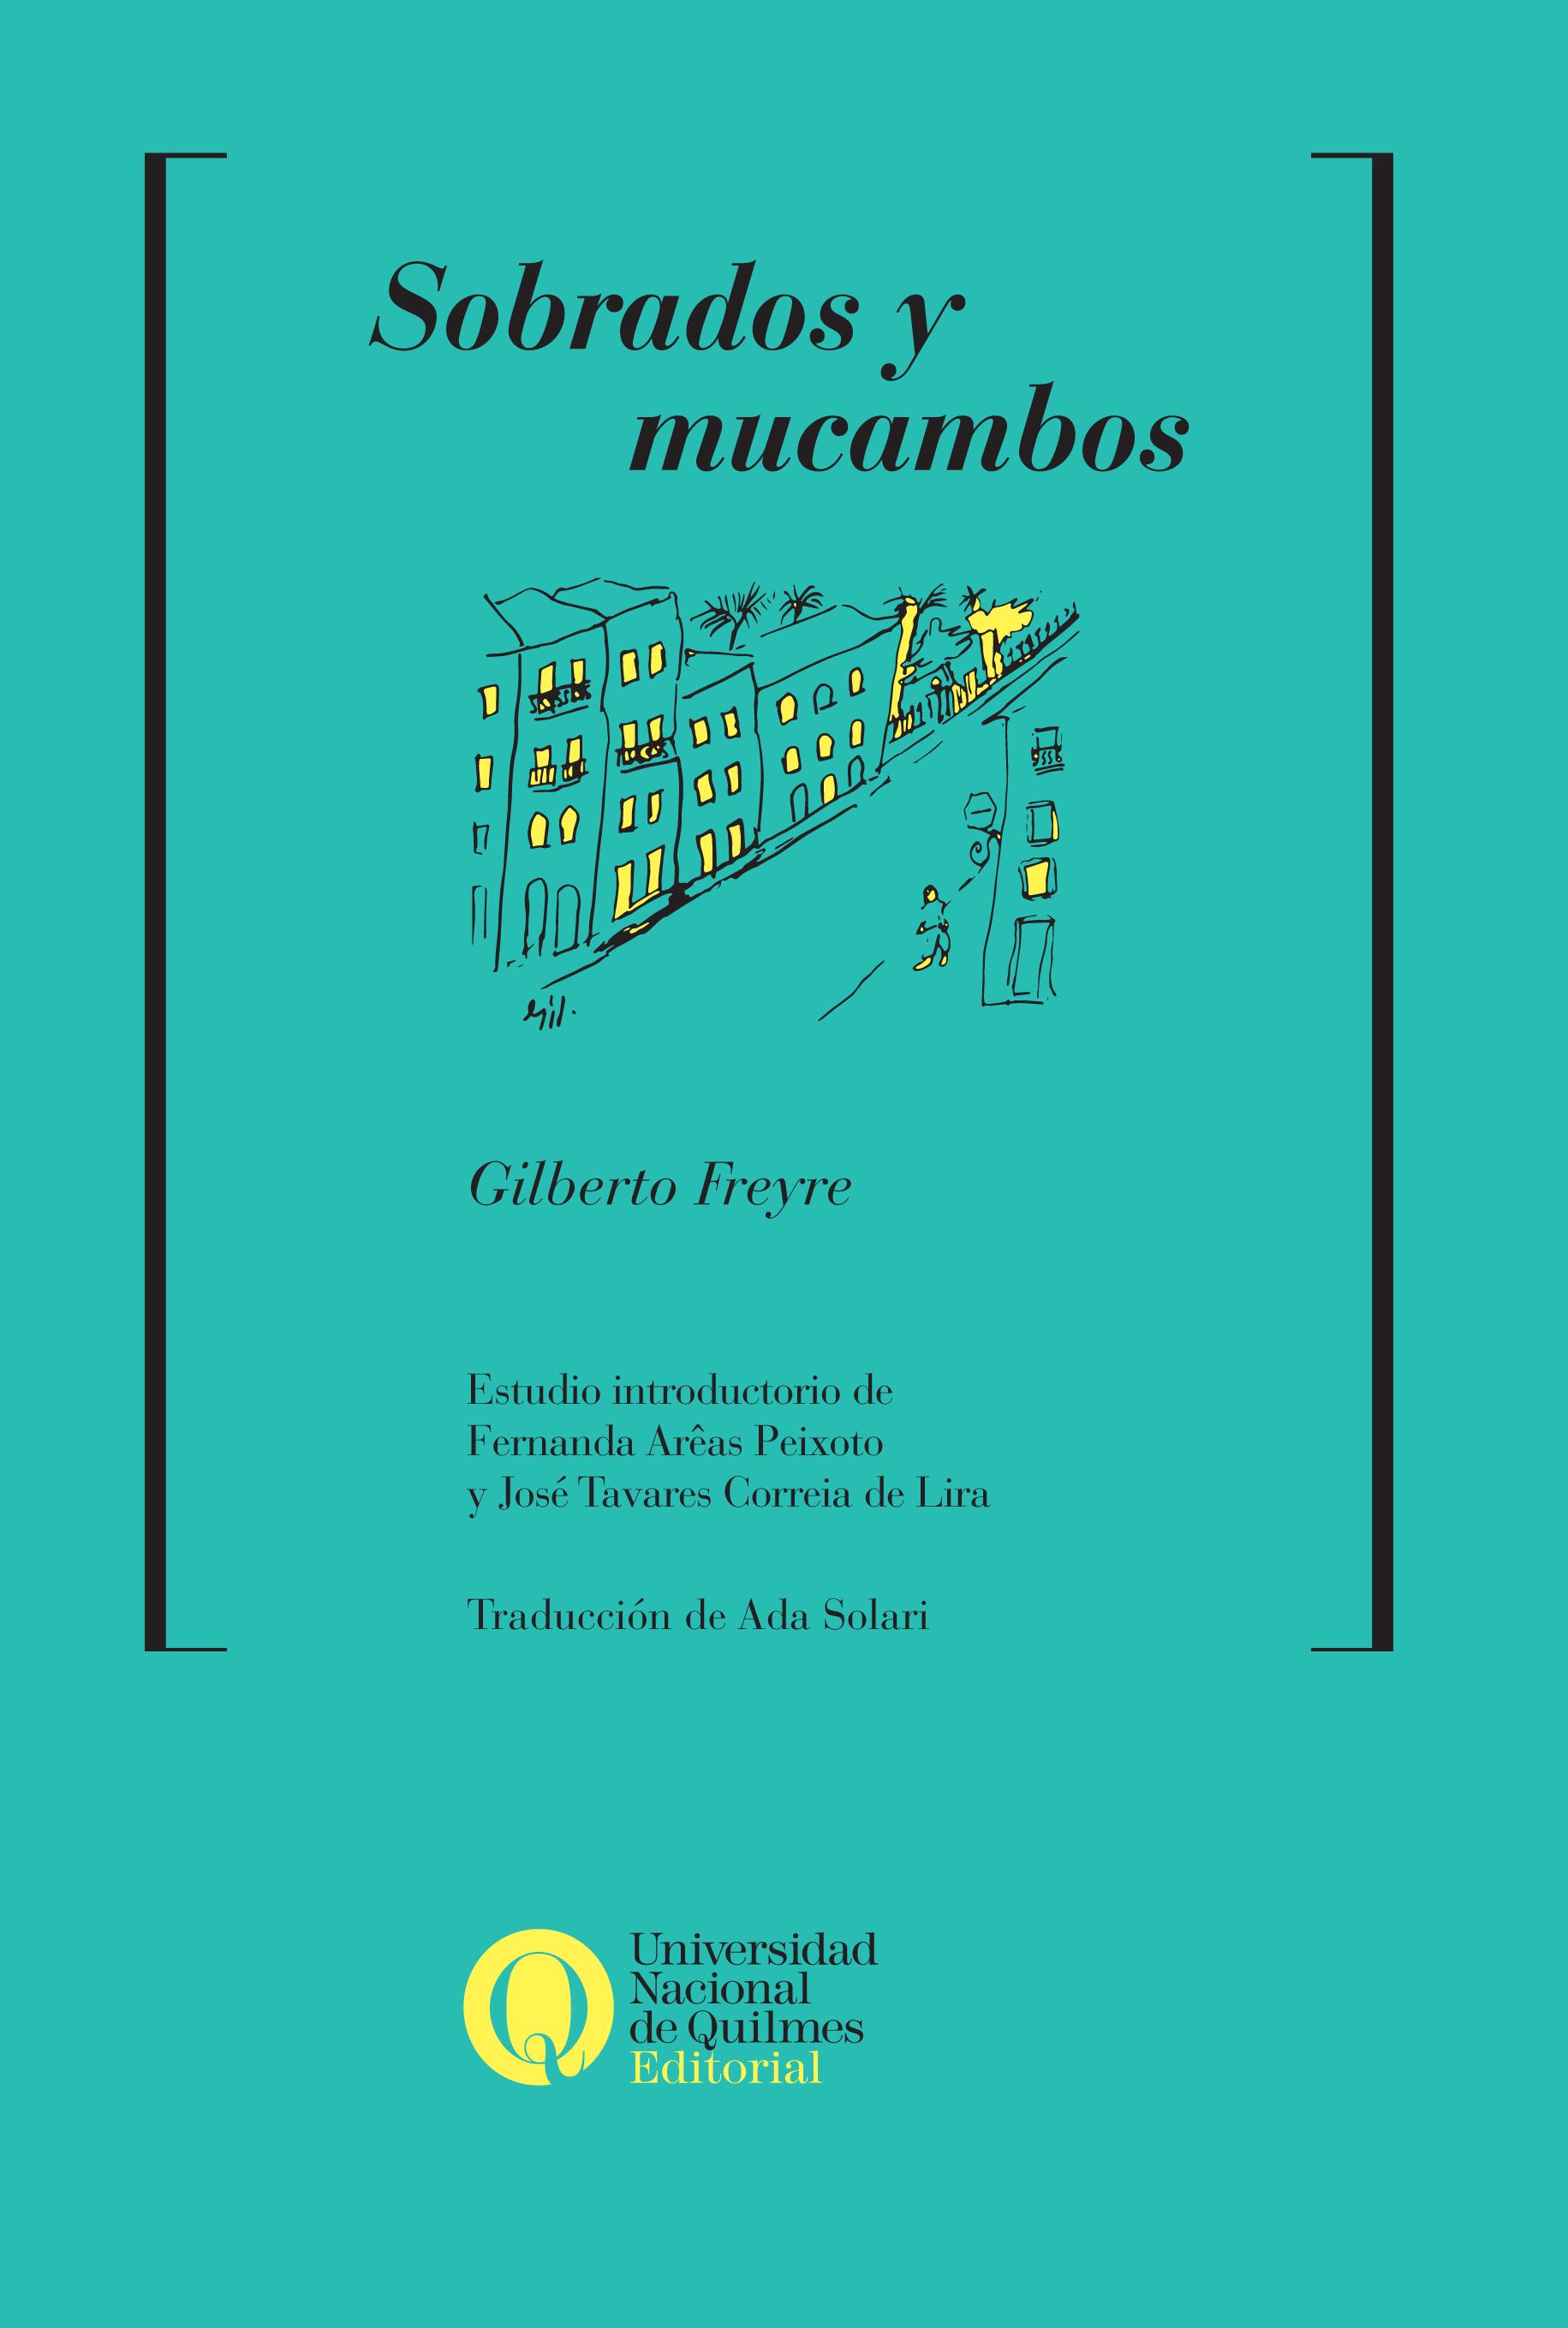 Sobrados y mucambos. Decadencia del patriarcado rural y desarrollo del patriarcado urbano, deGilberto Freyre